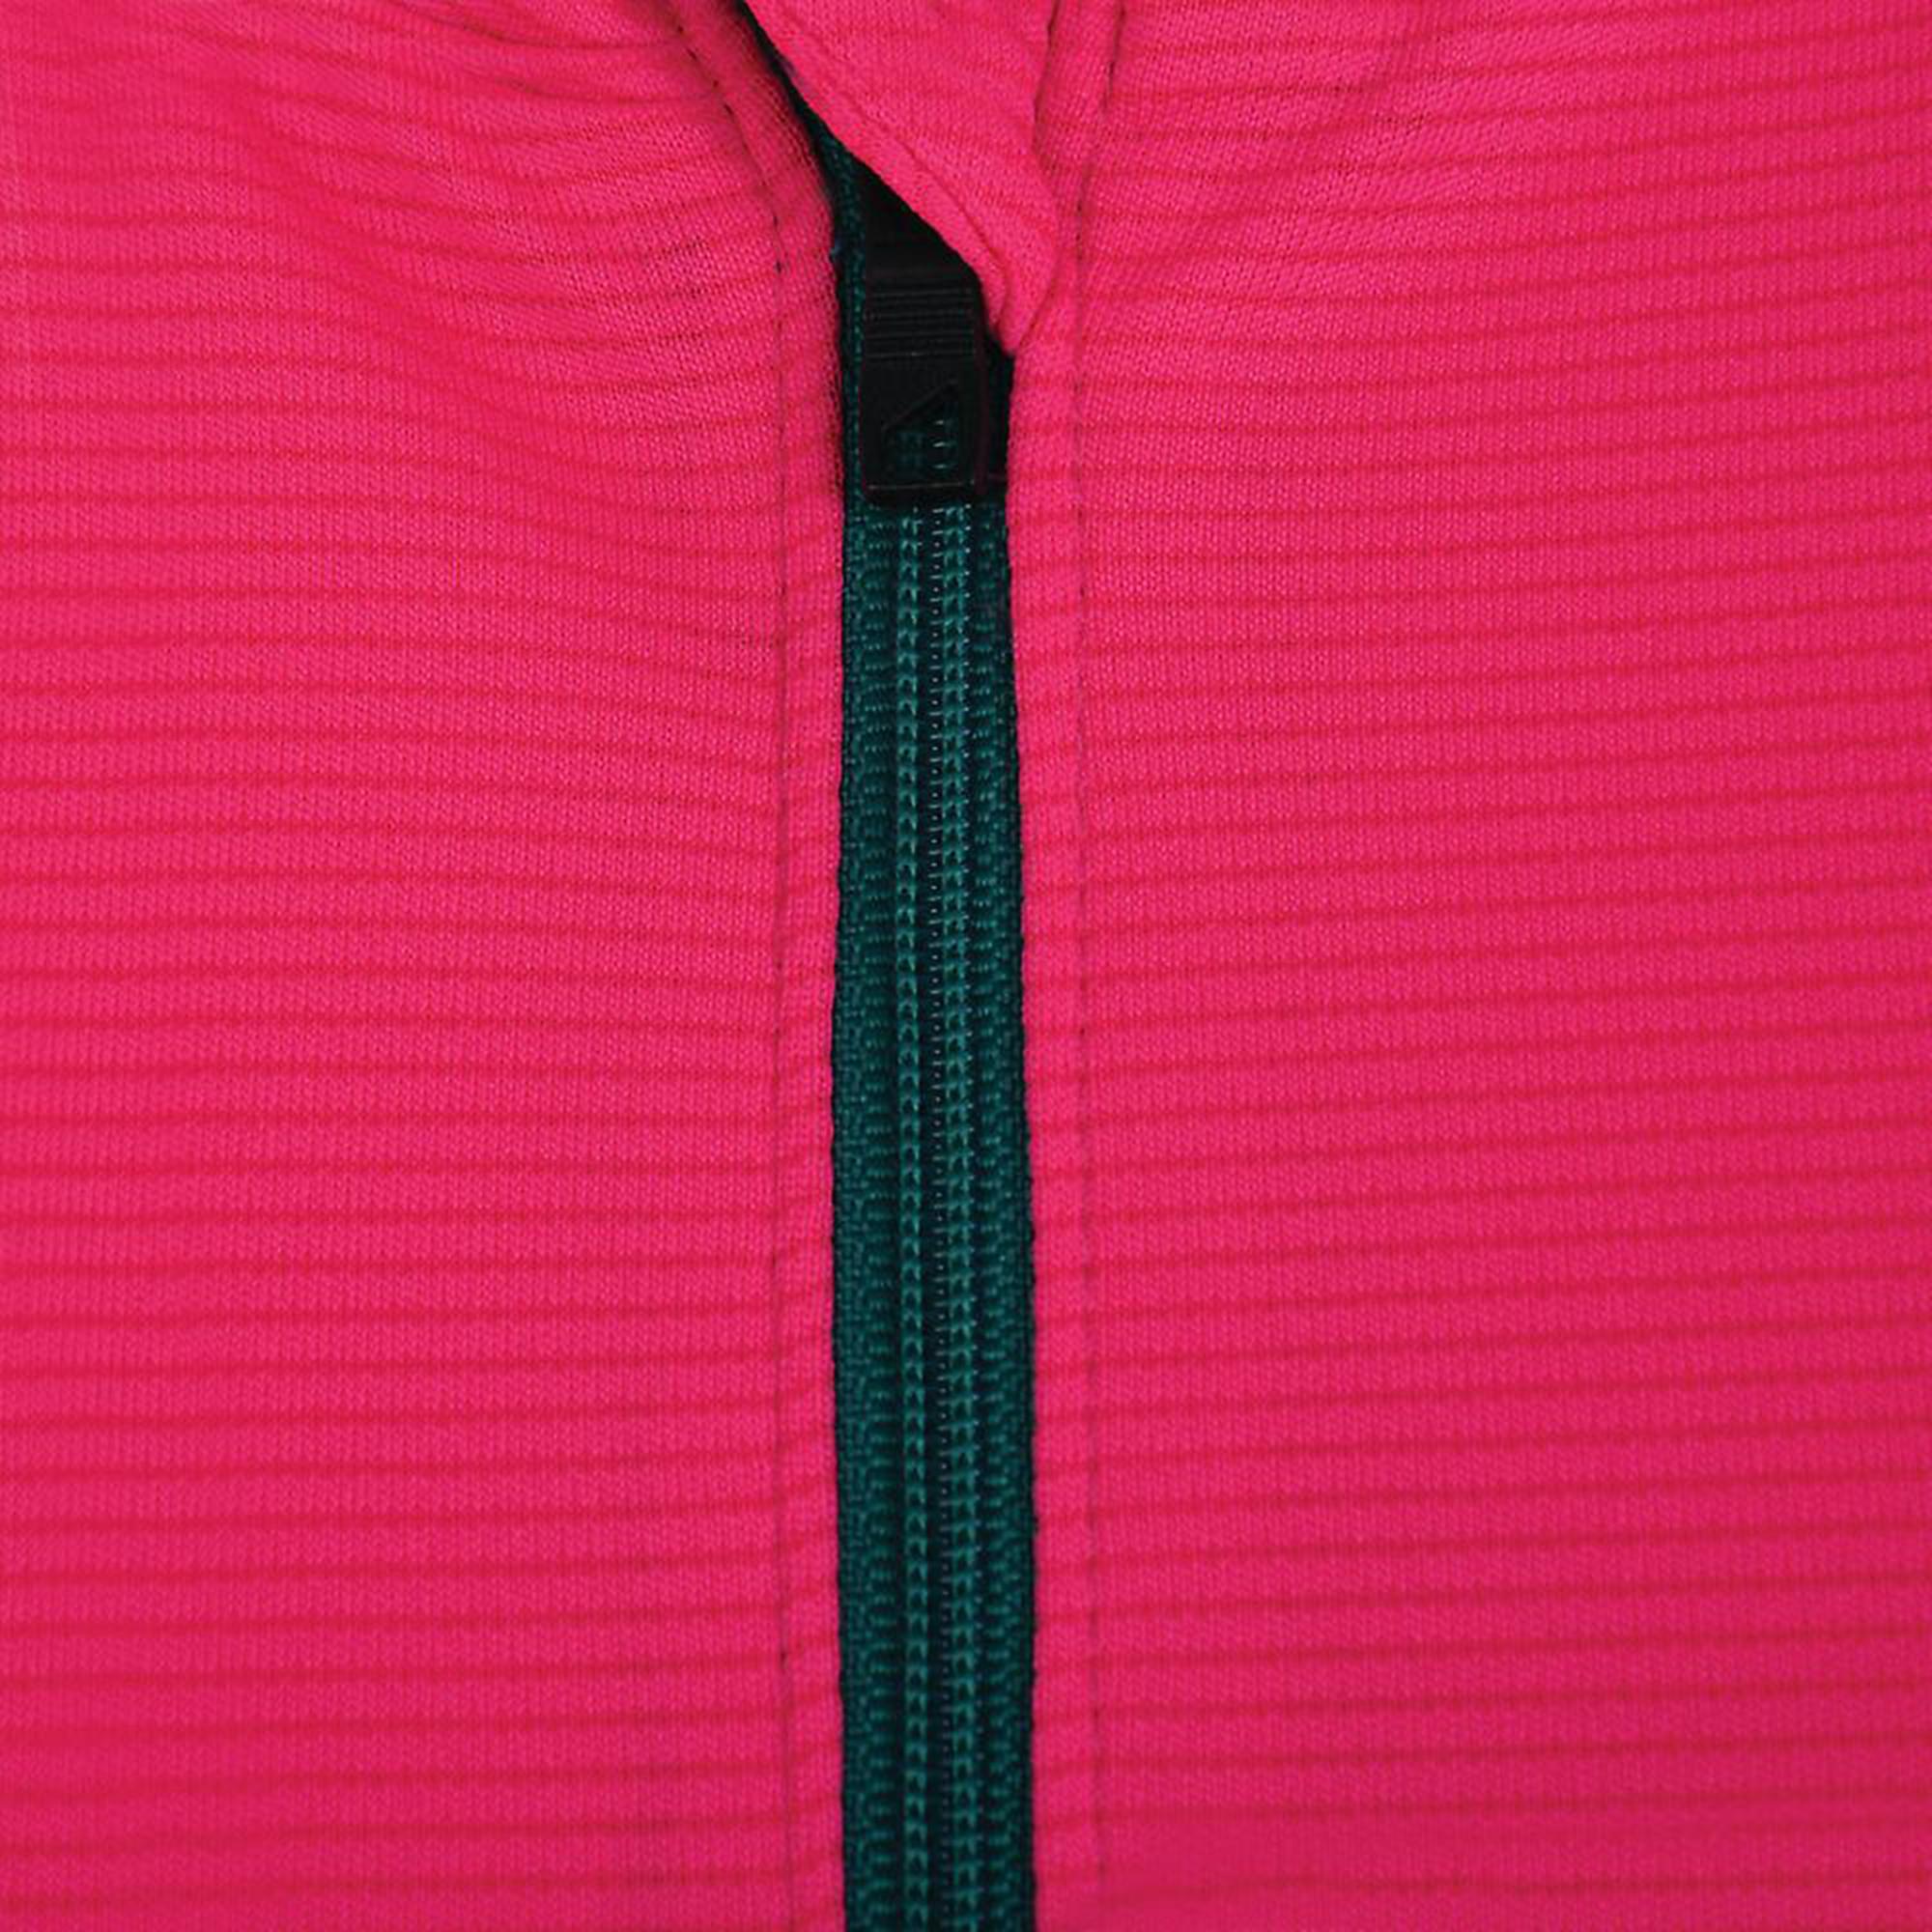 Dare 2B - Camiseta deportiva para mujer (RG3371)  9ce5f0e7568af